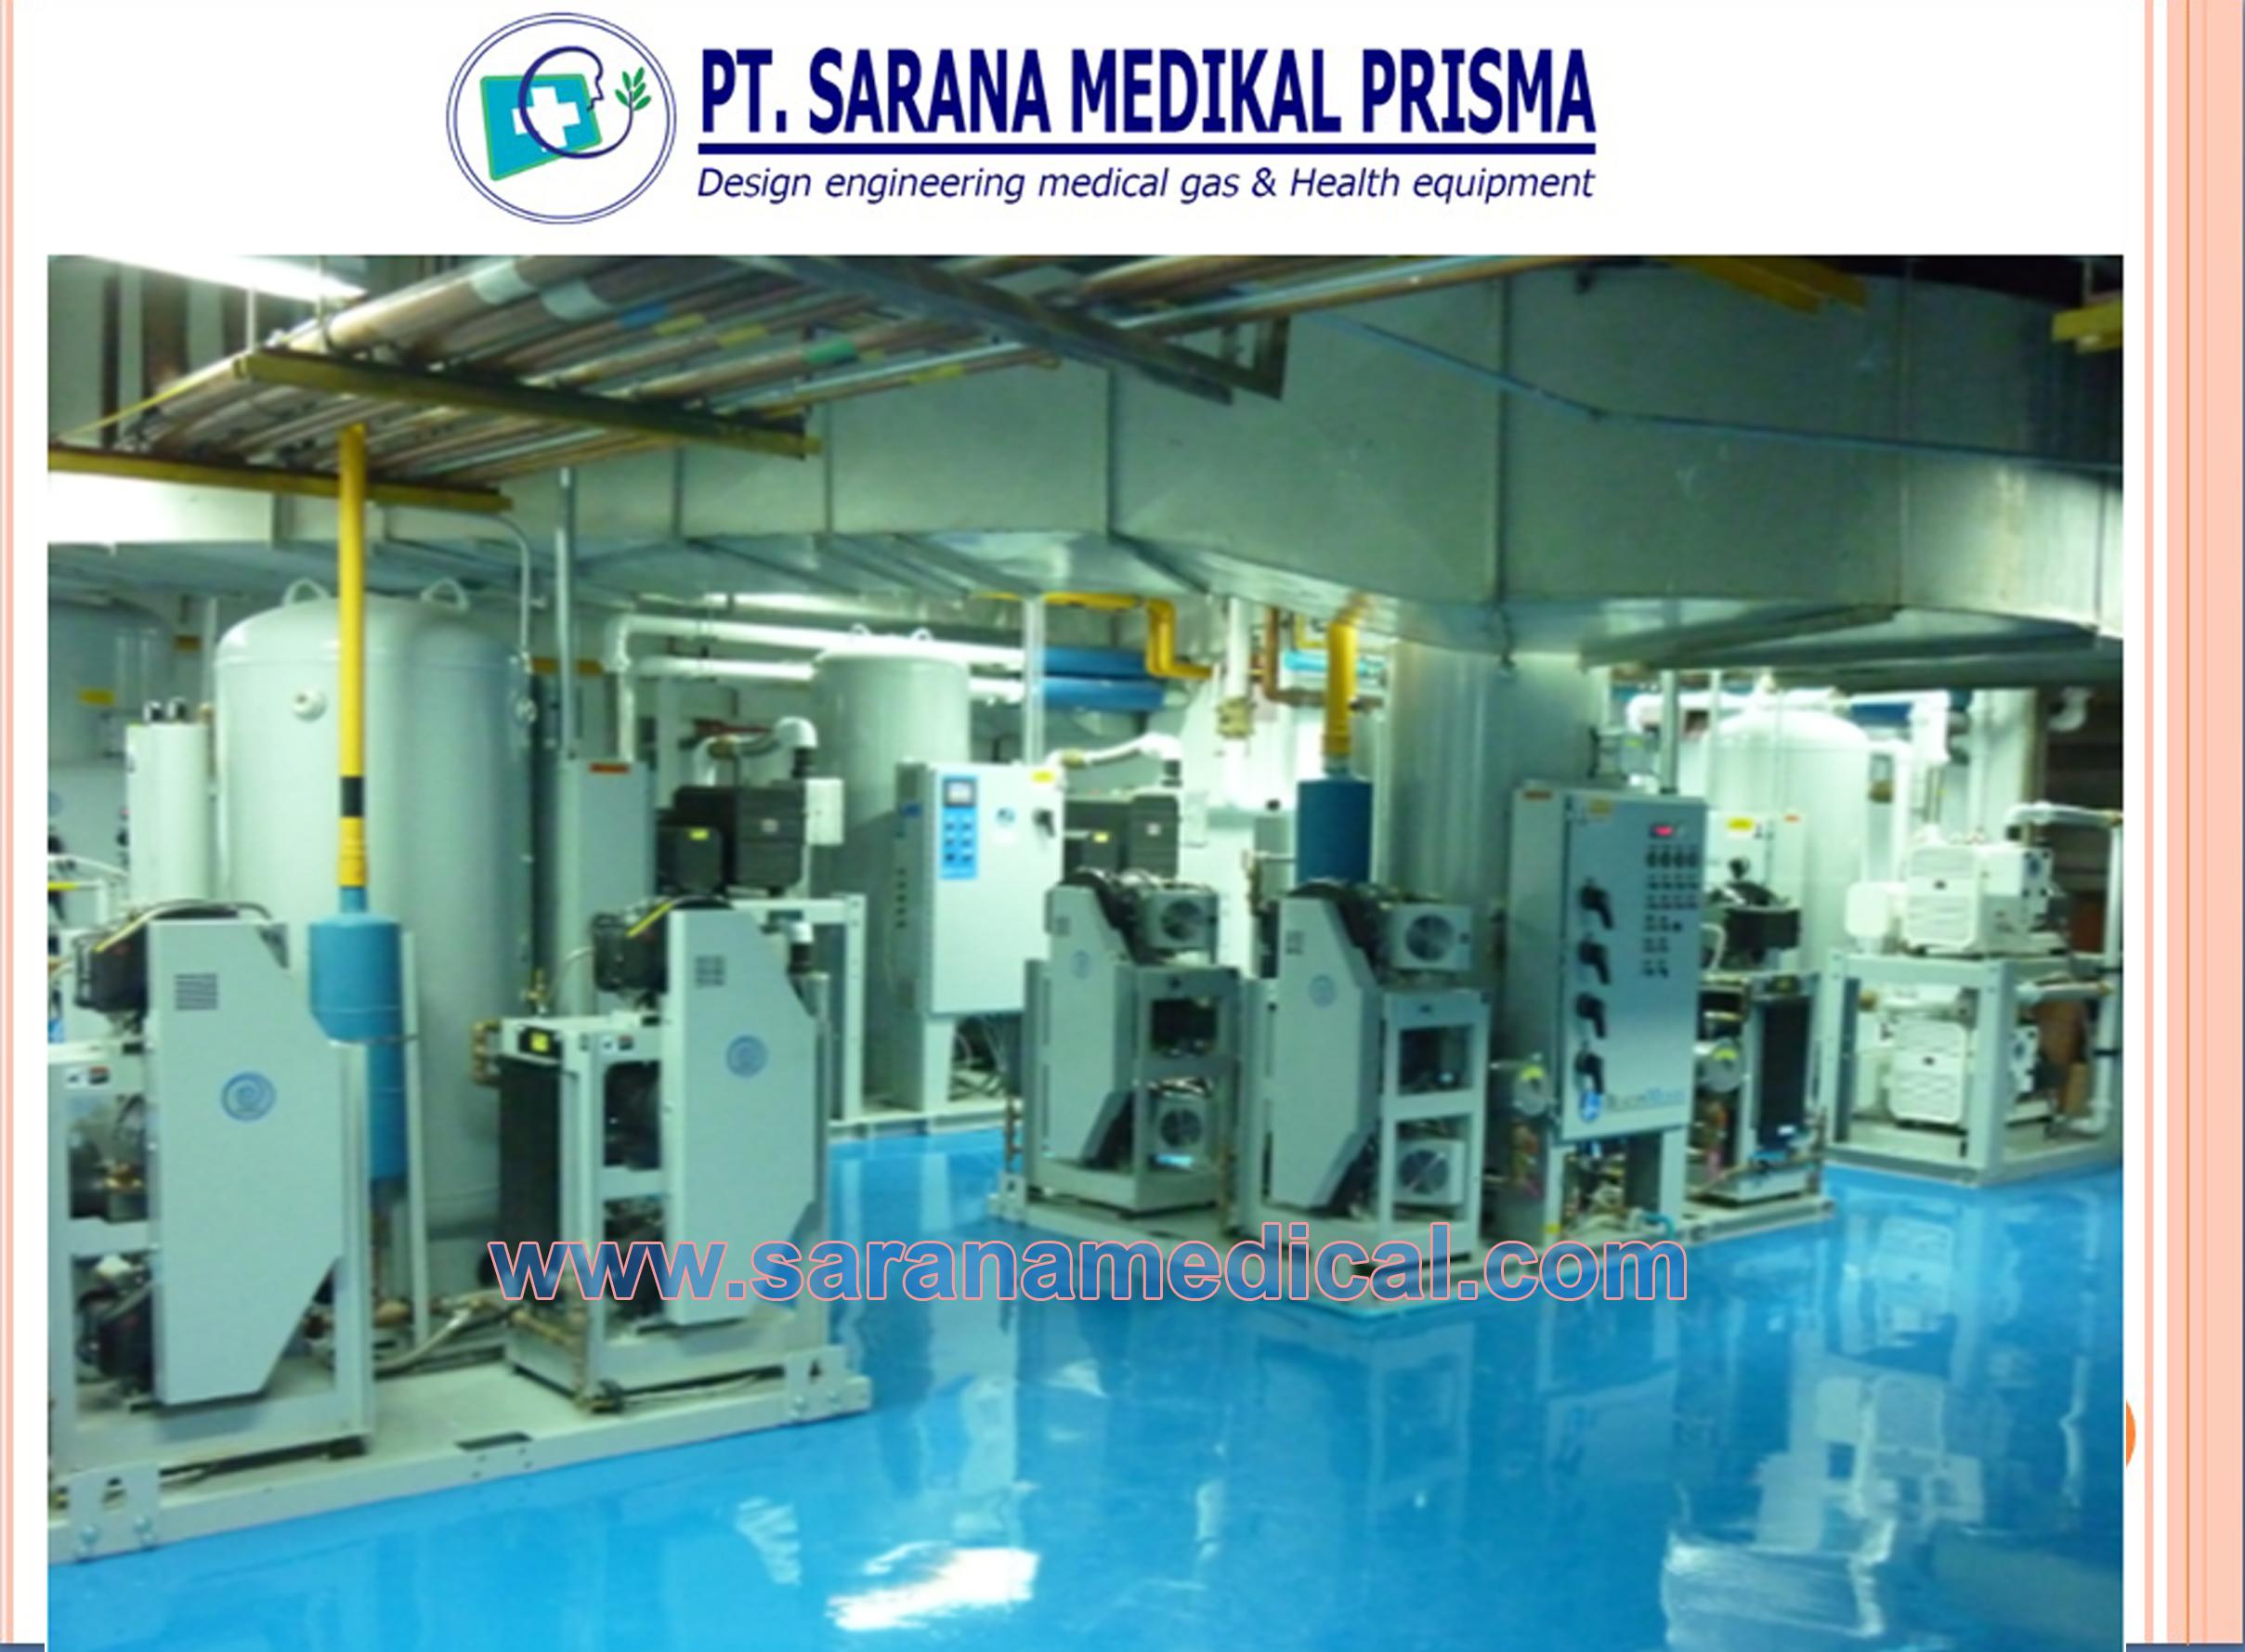 Penentuan ruang sentral gas medis